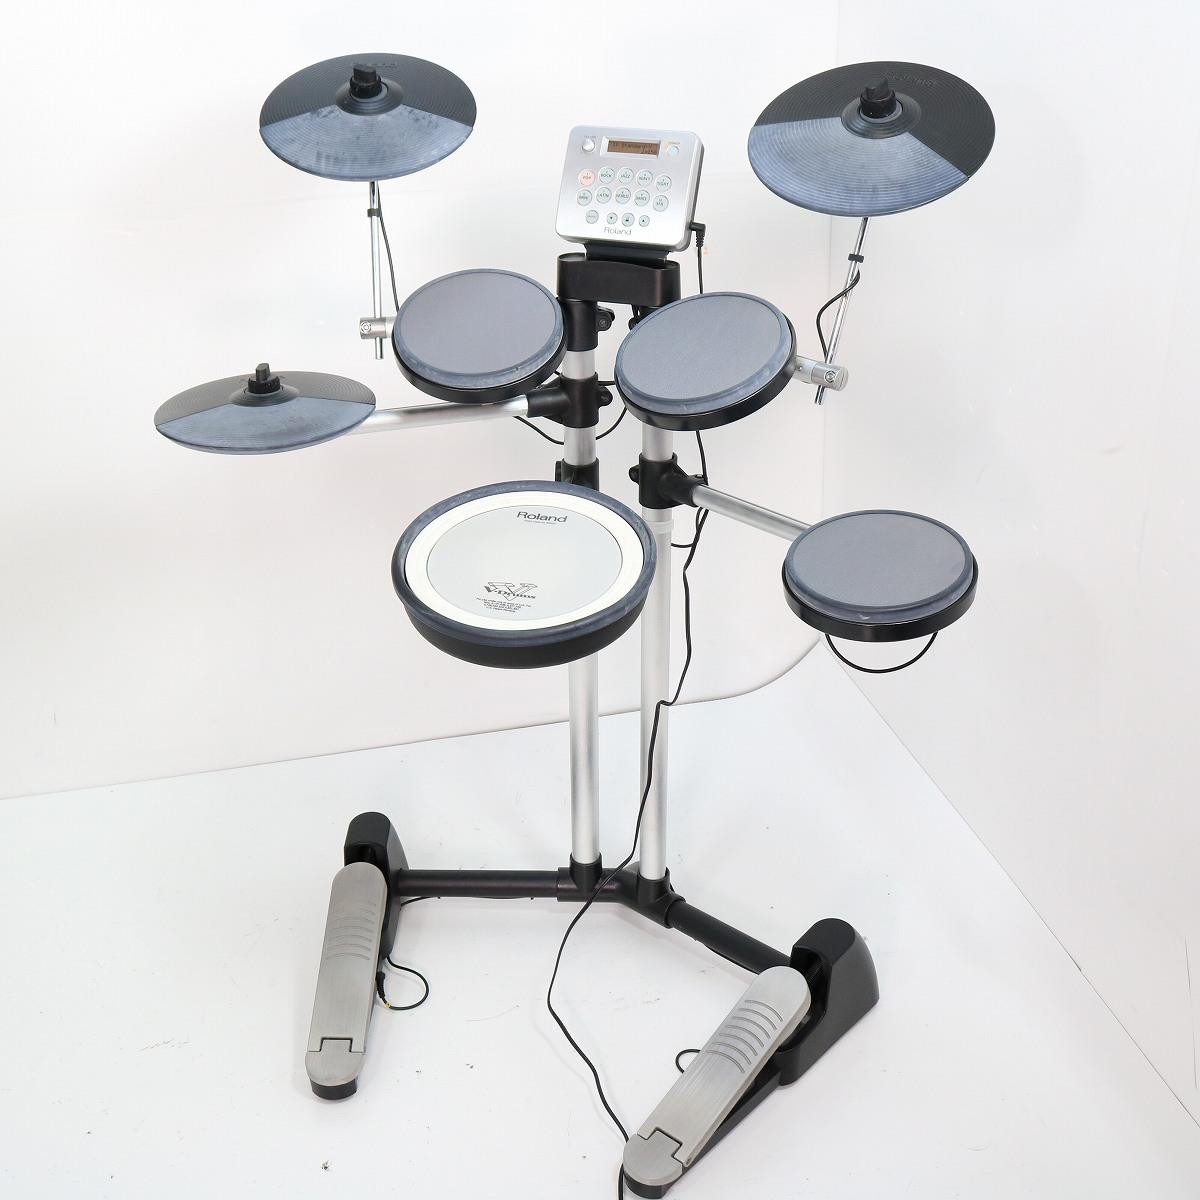 罗兰HD-3 V-鼓精简版电子鼓[SHIBUYA_WEST]椅